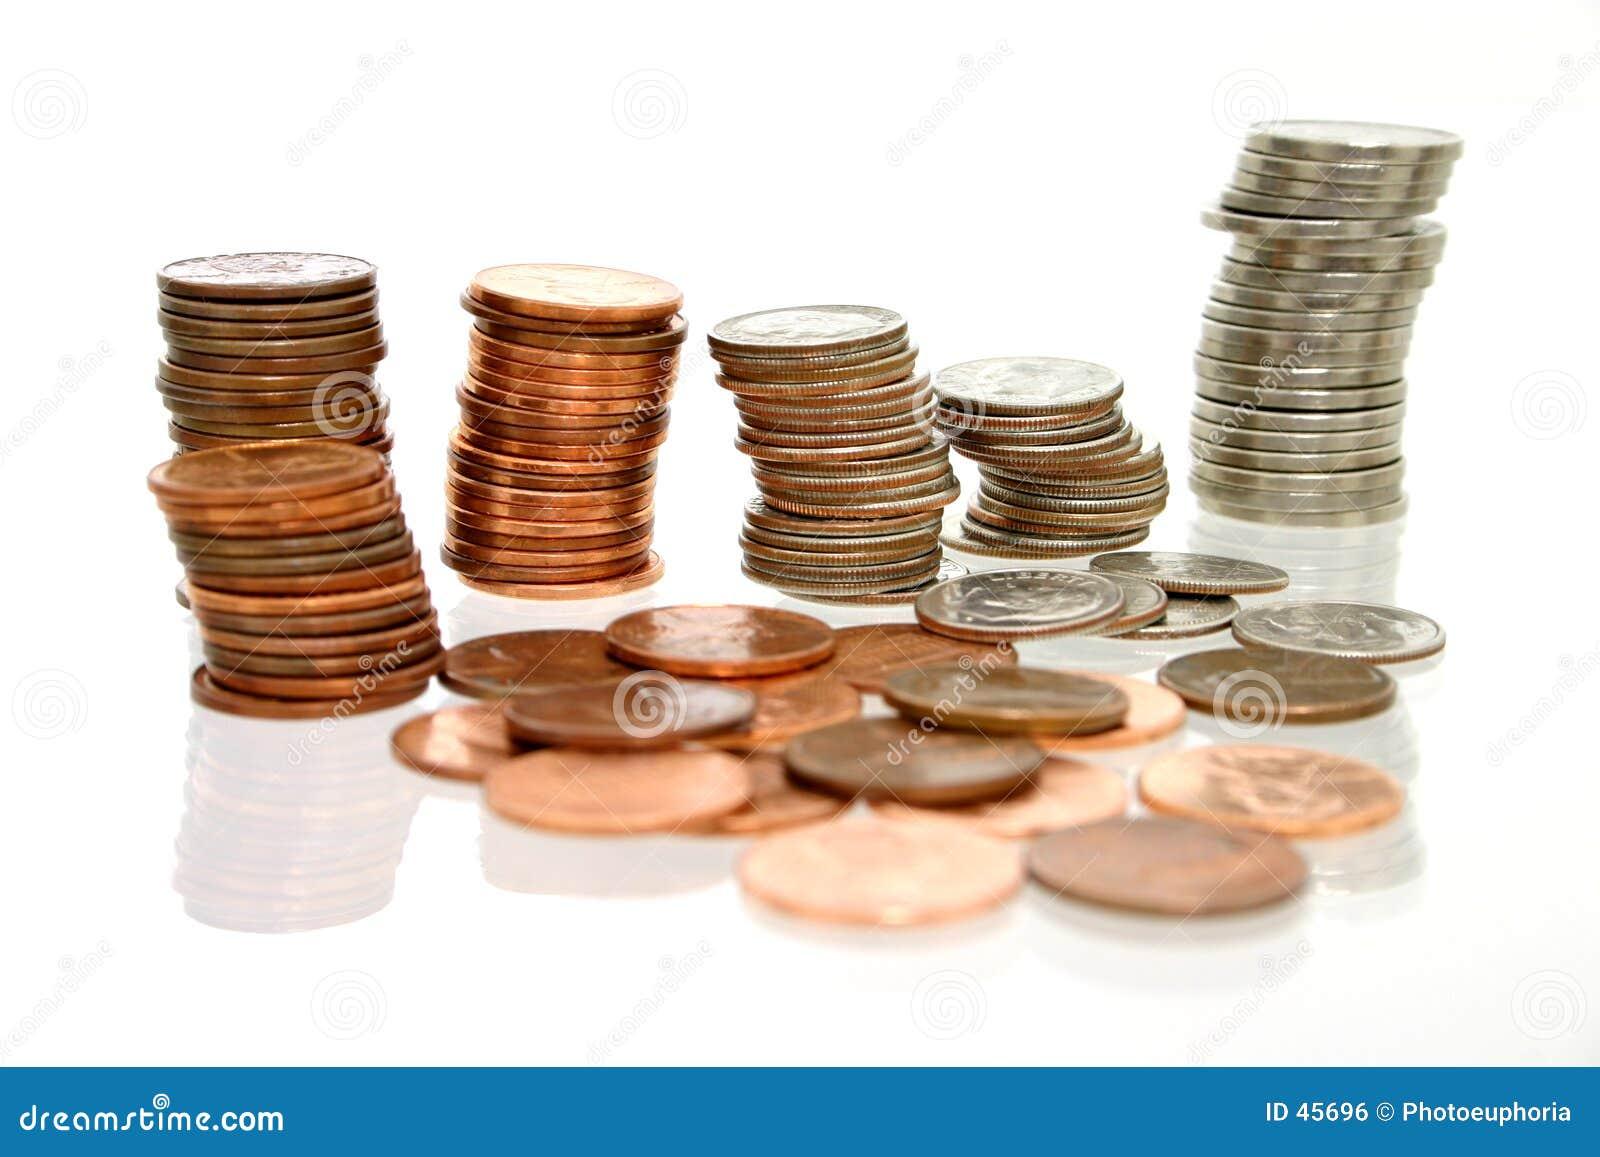 Coin pengarbuntar